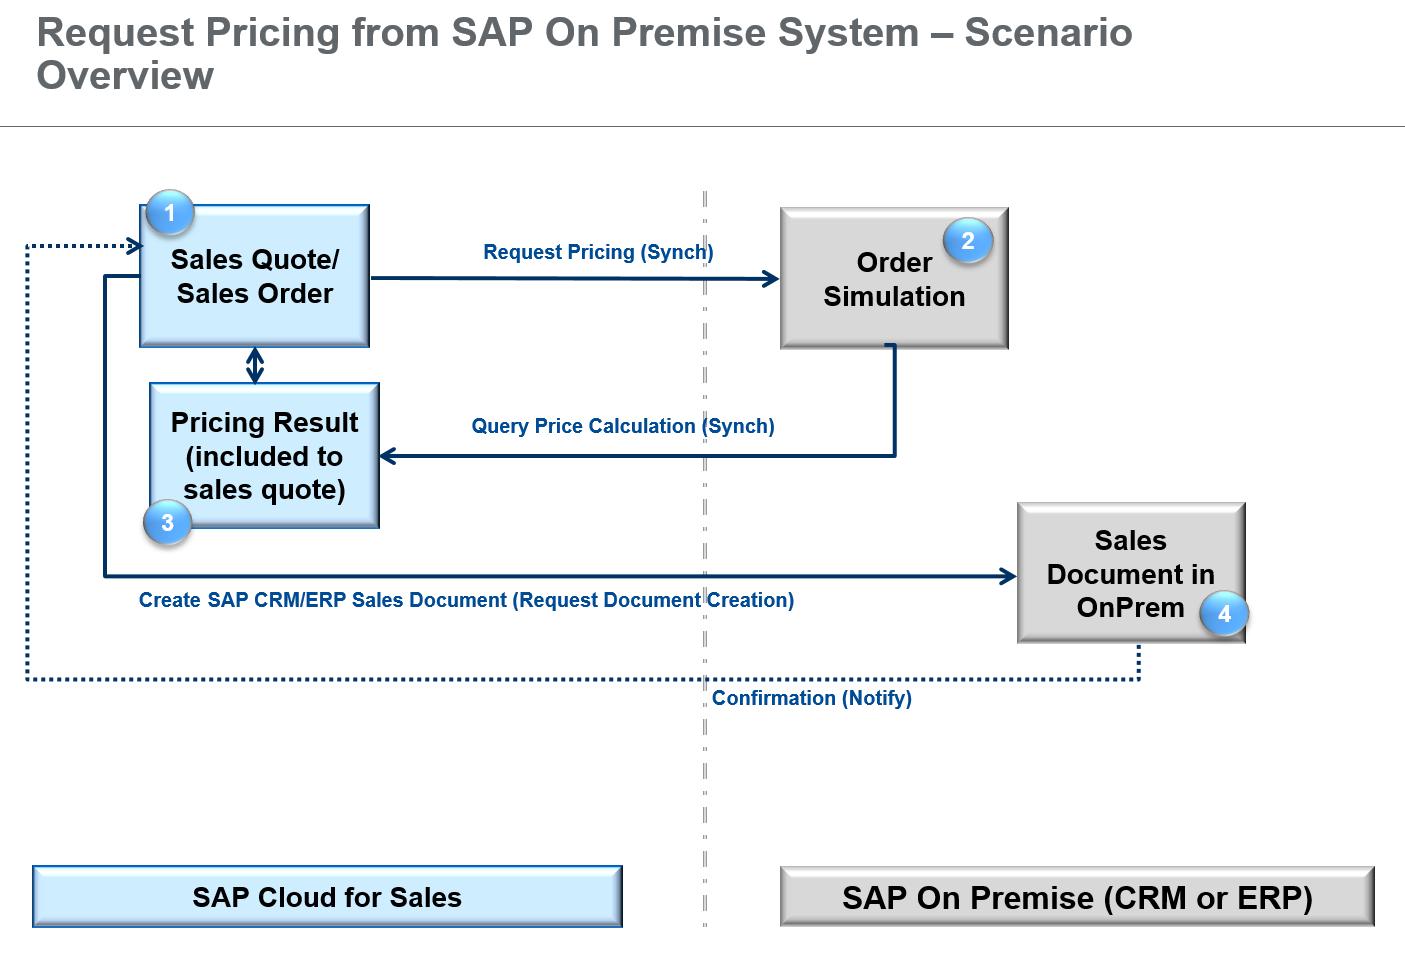 sap cloud for customer external pricing sap snag 0217 png